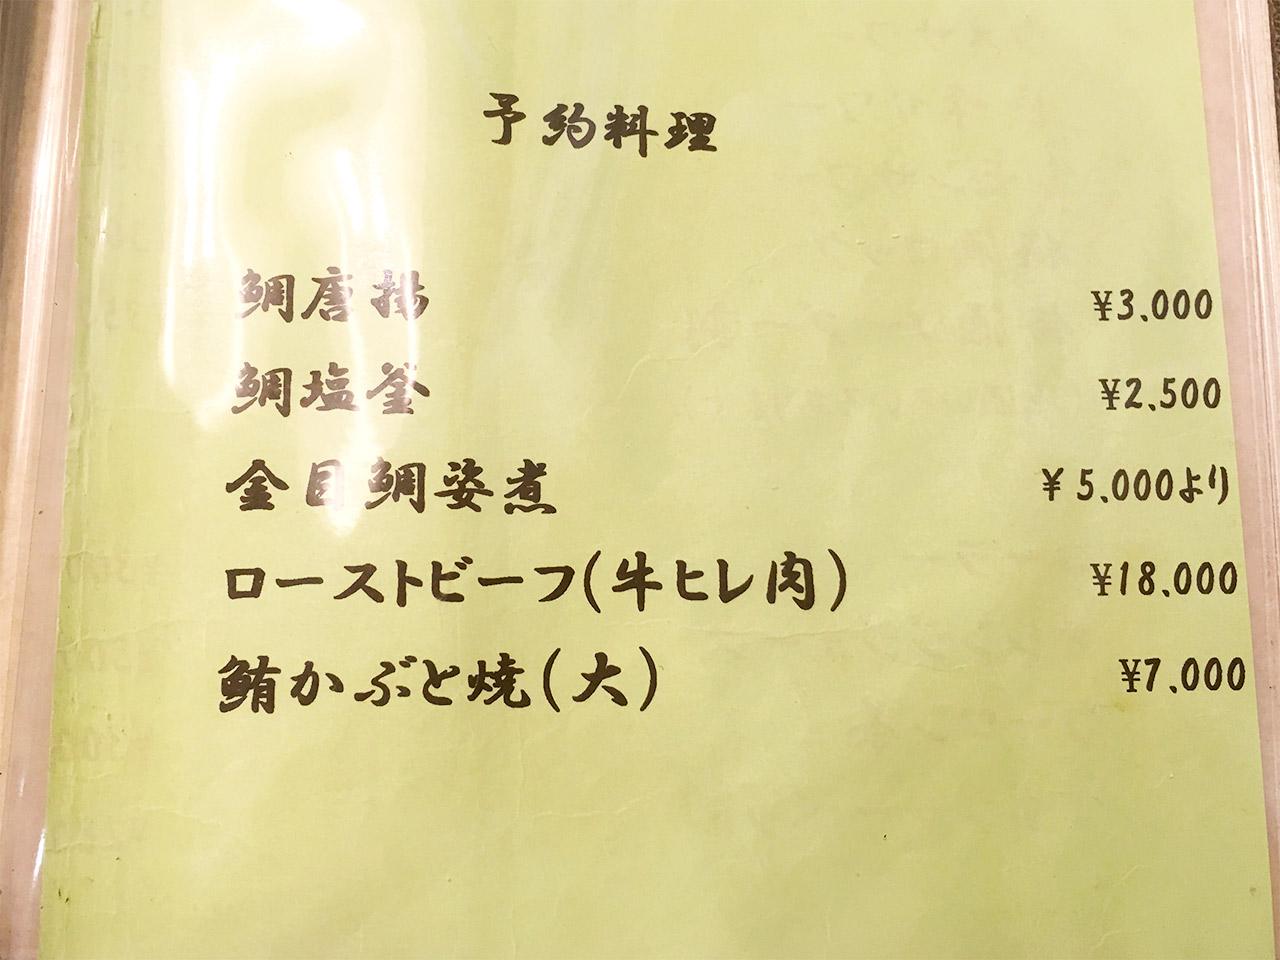 kawasaki-kobashi-lunch-menu02